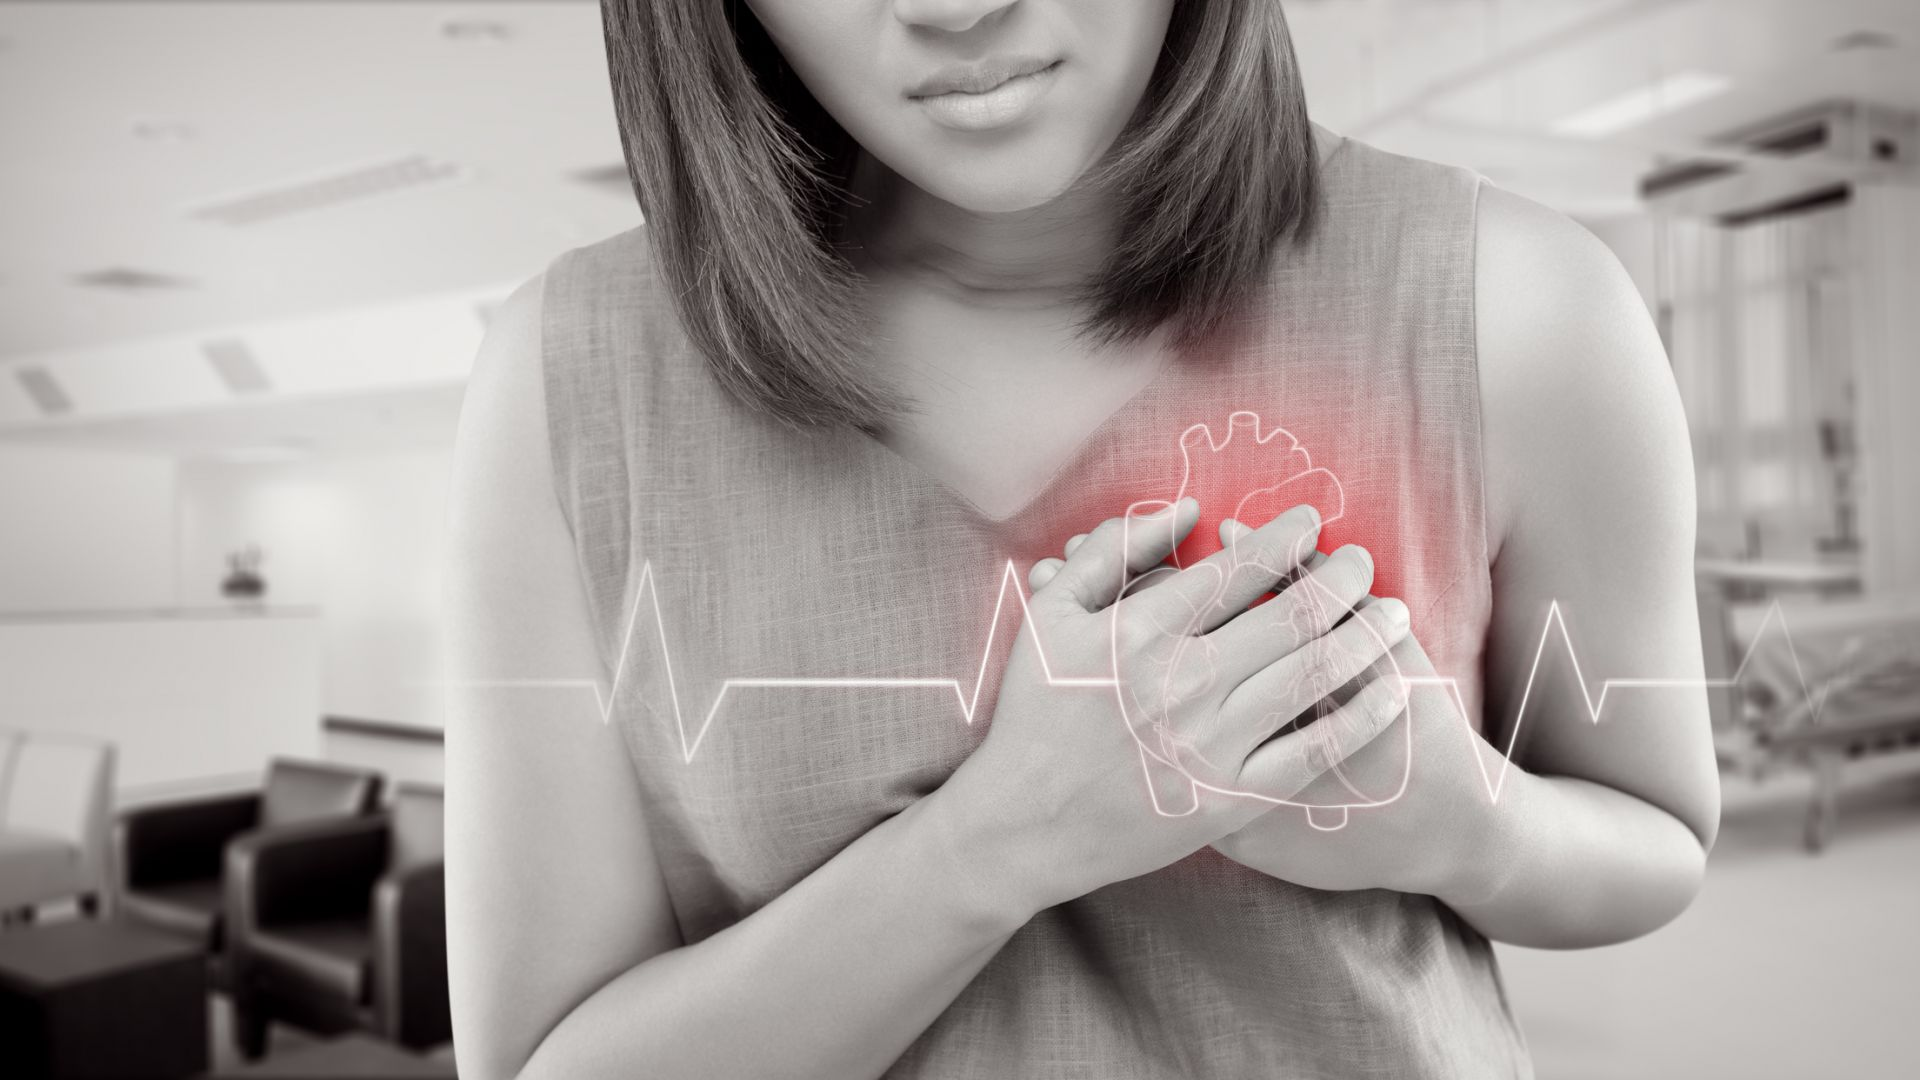 Над 60% от цялата смъртност в България се дължи на сърдечно-съдови заболявания